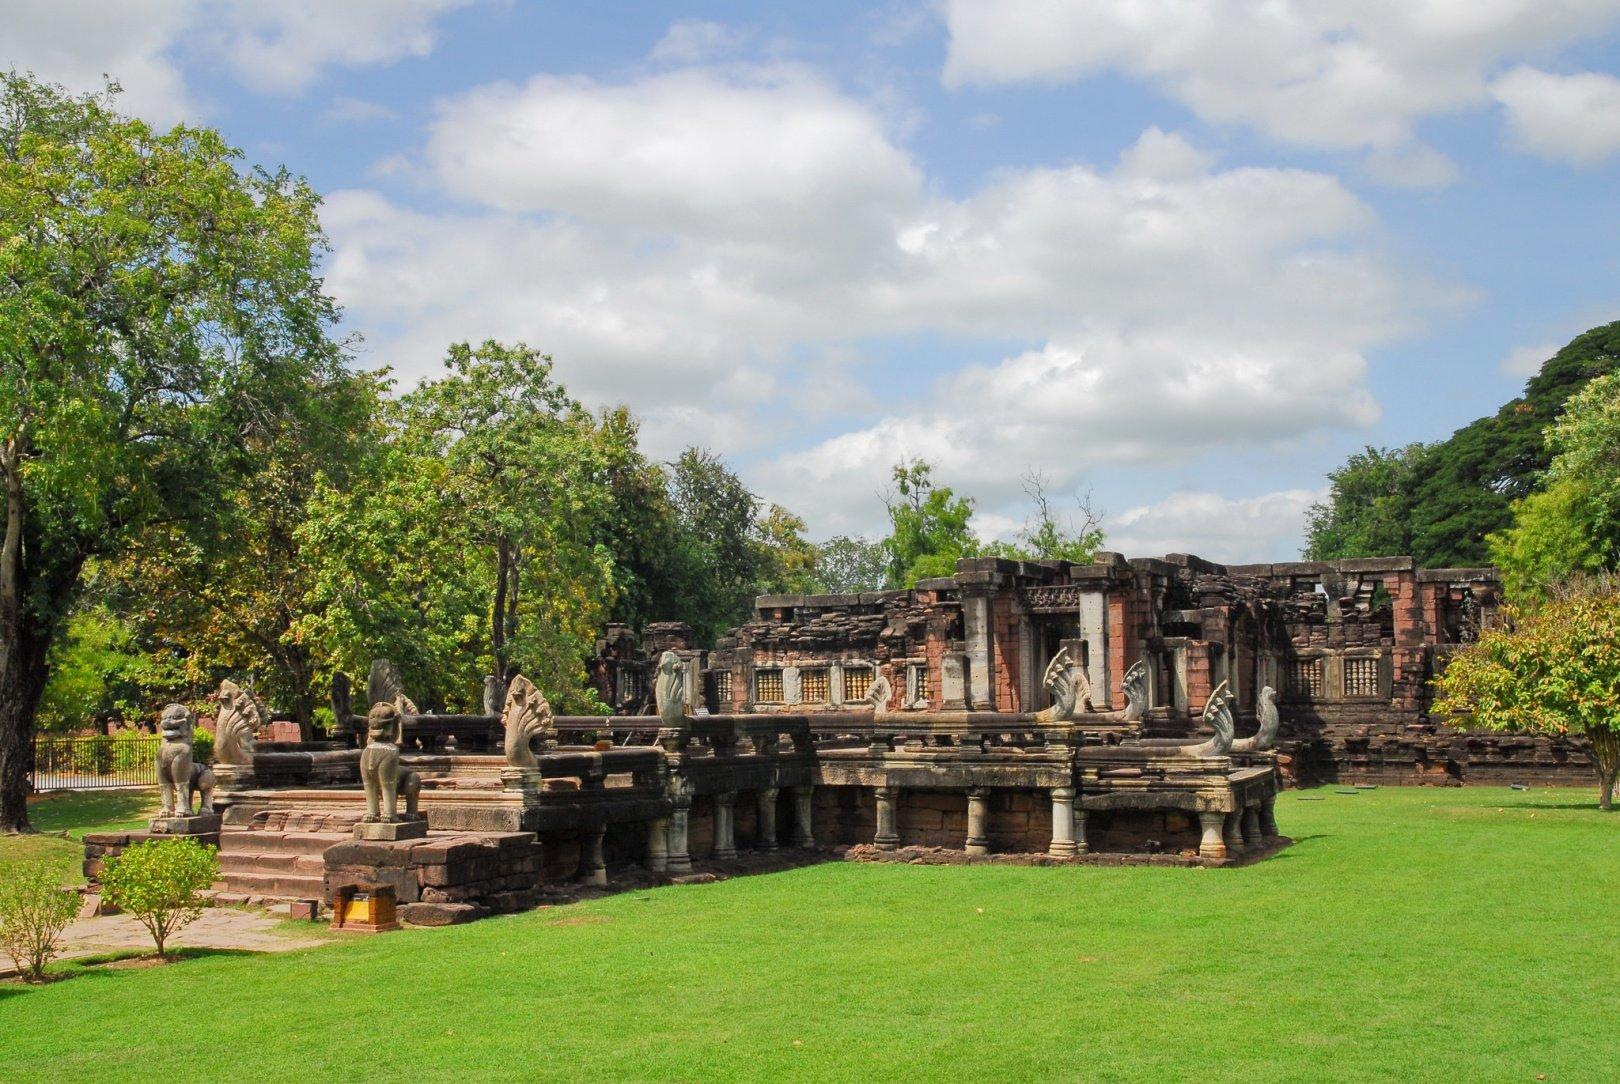 thailand phimai flickr - De 21 mooiste plekken in Thailand: van tempels tot watervallen en meer...